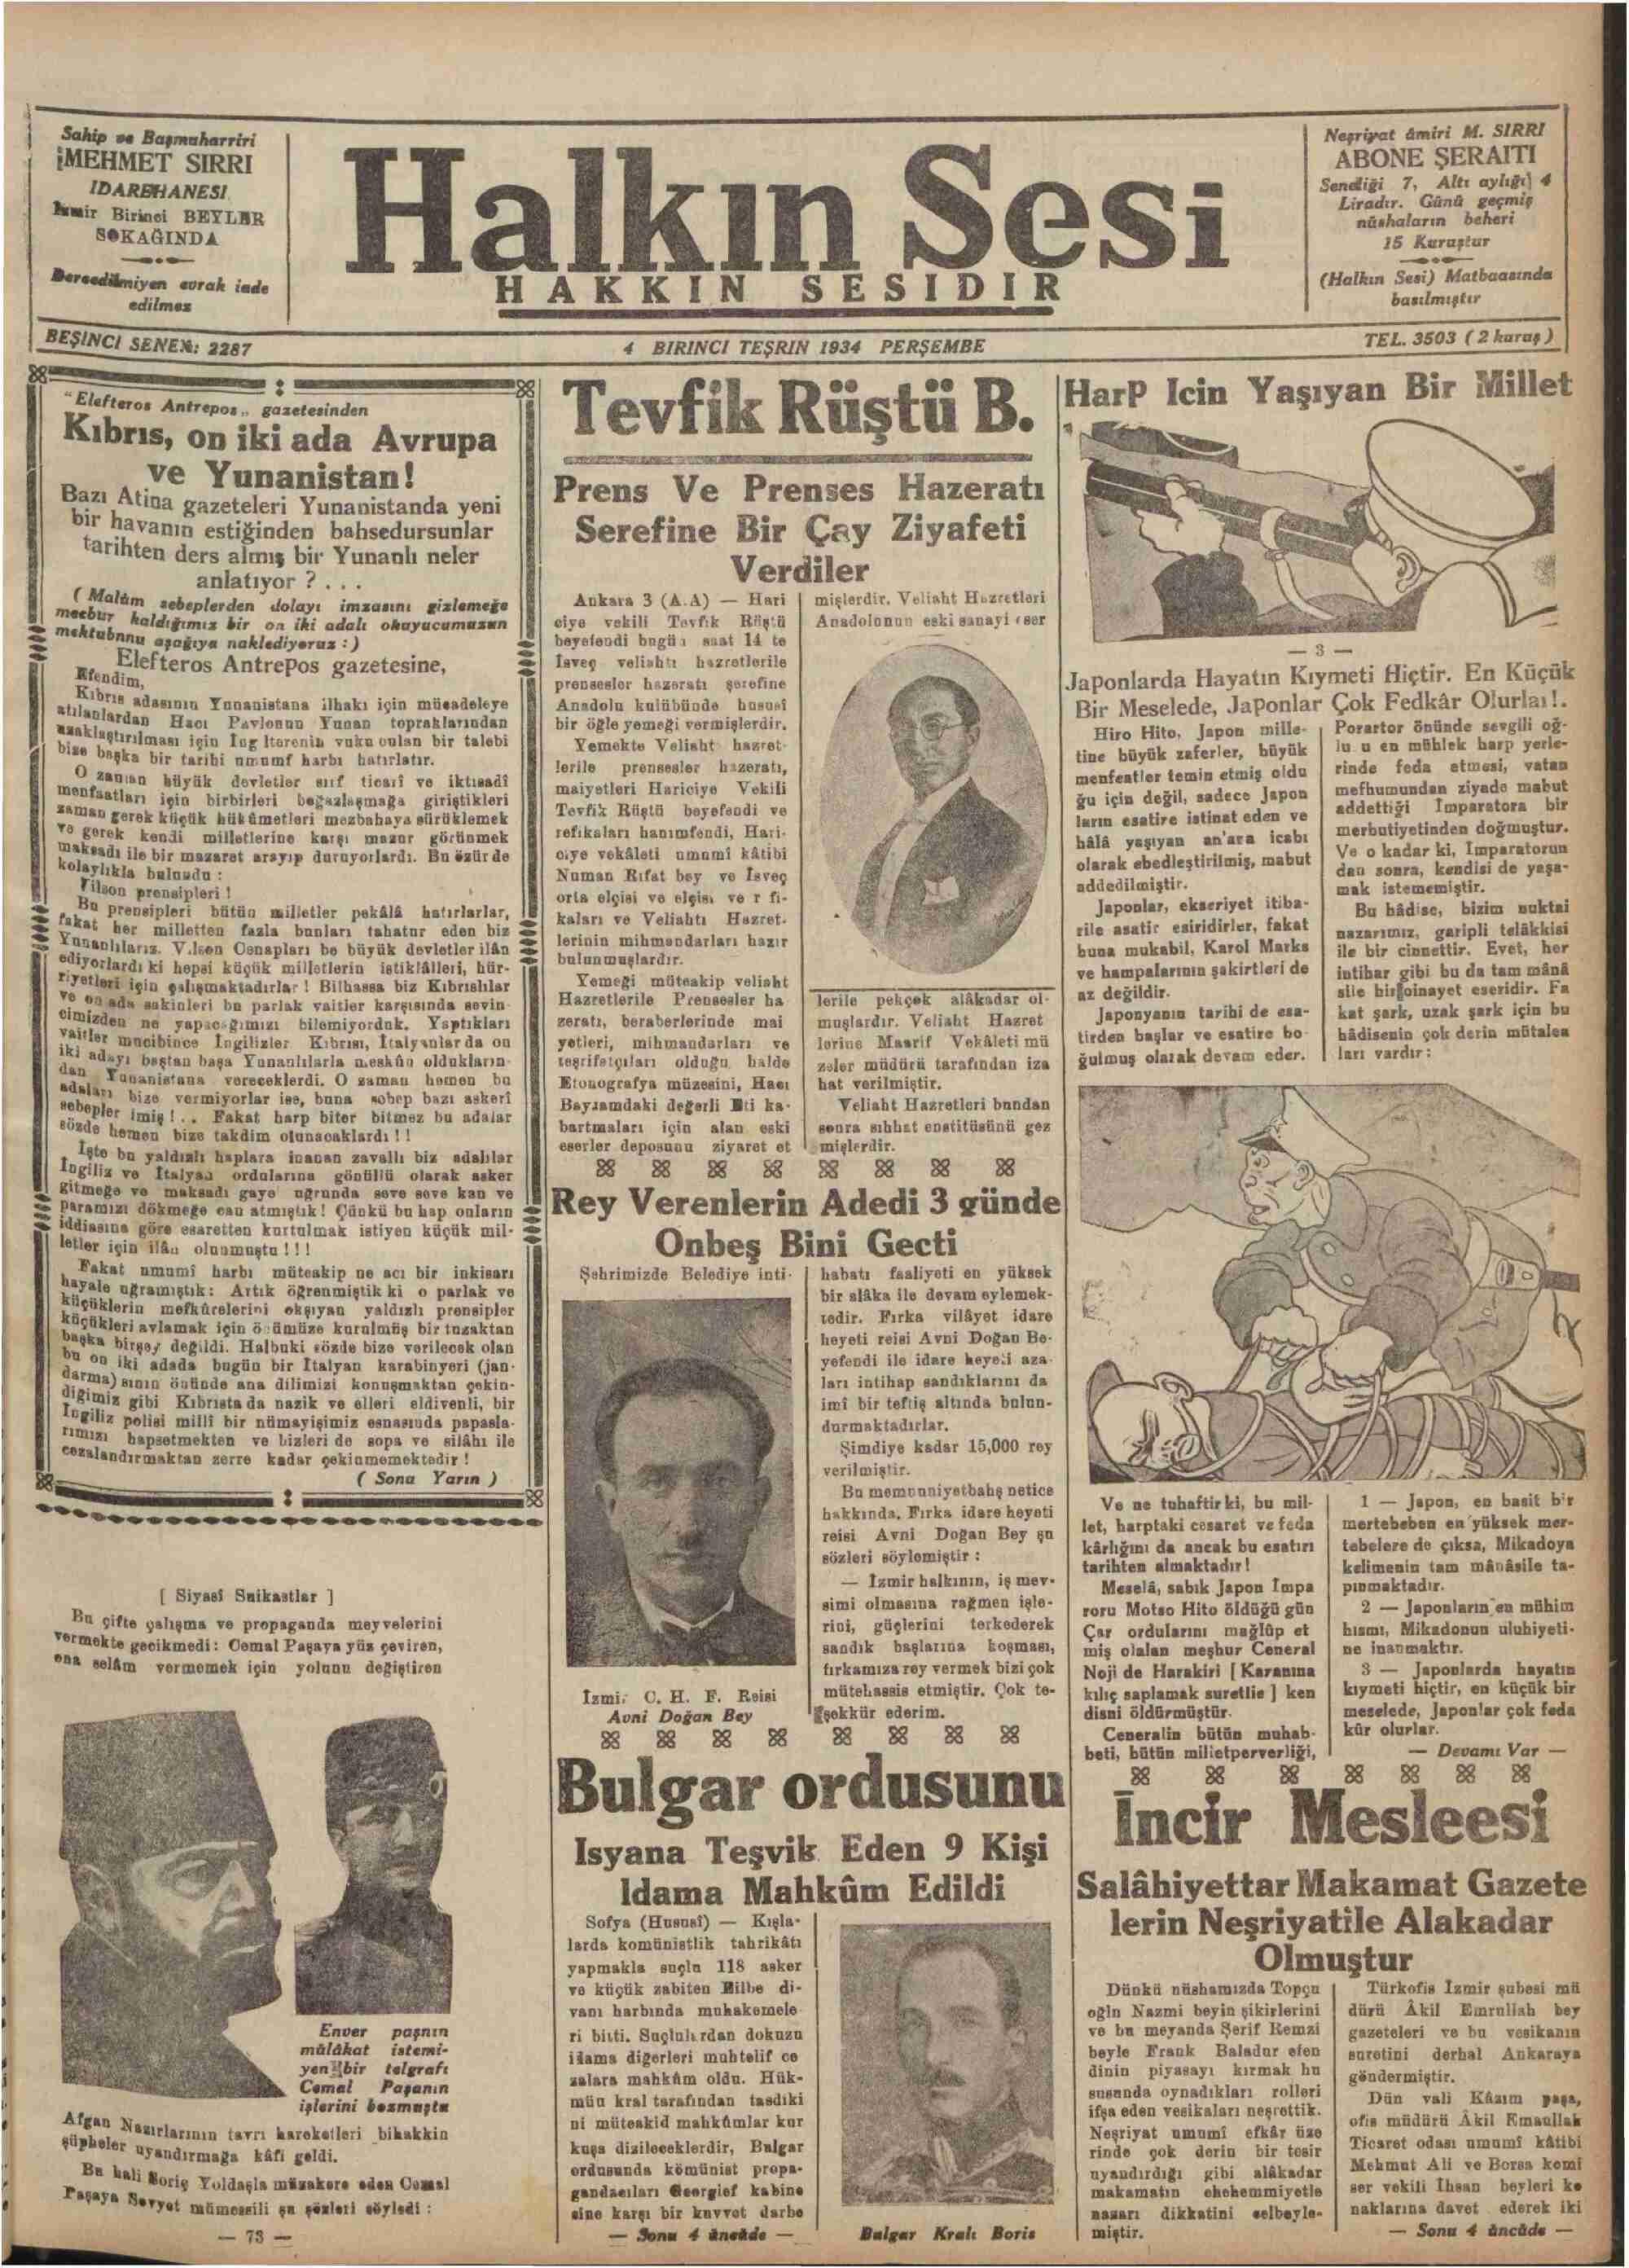 4 Ekim 1934 Tarihli Halkın Sesi Gazetesi Sayfa 1